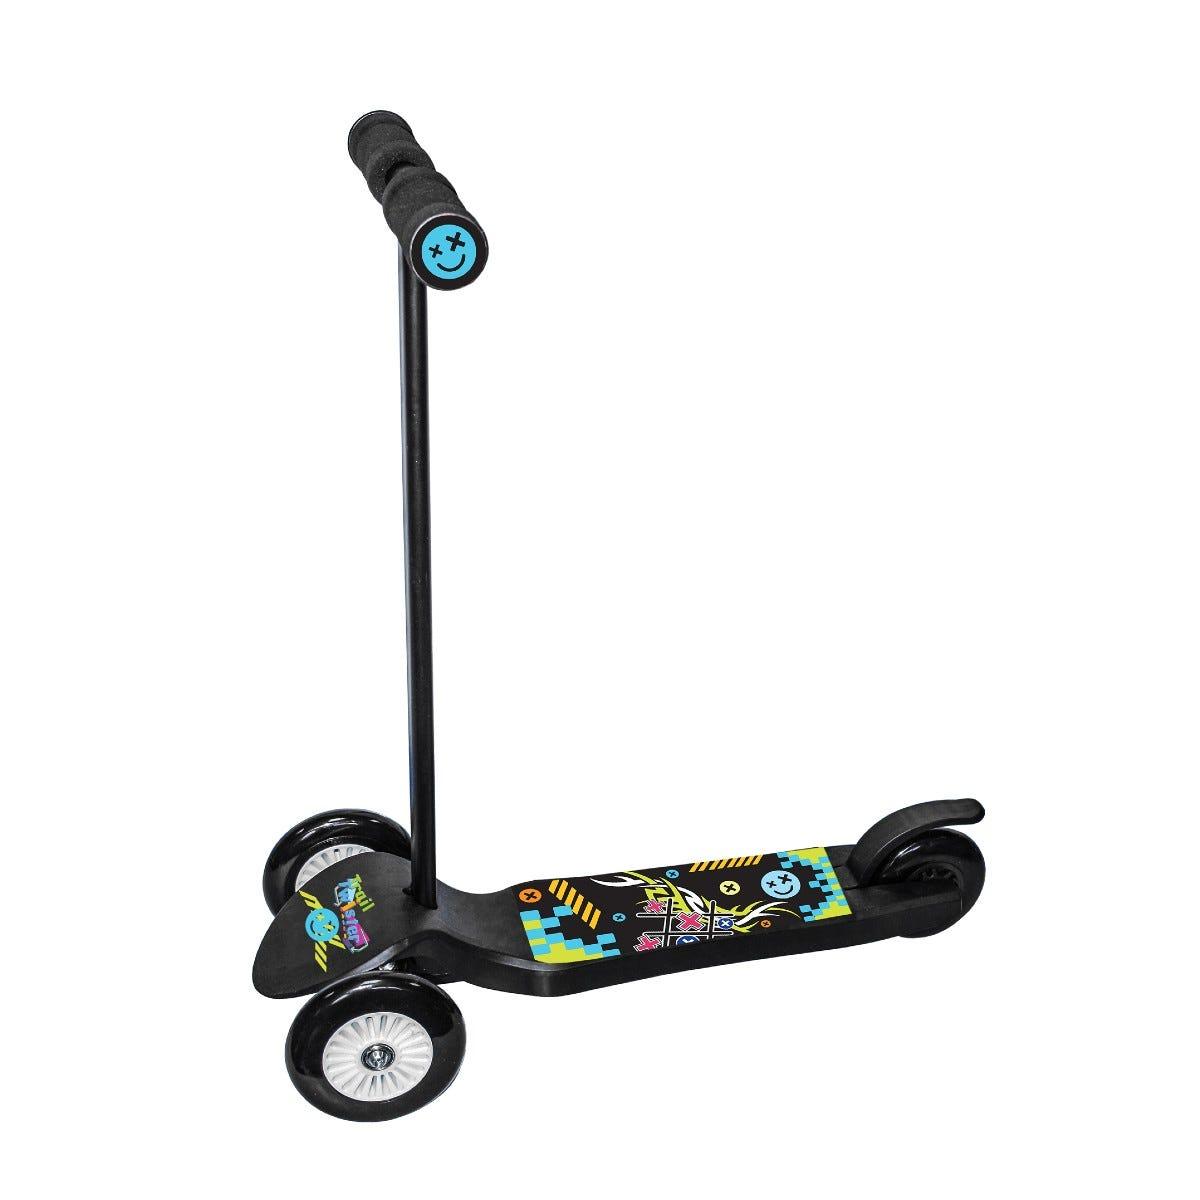 Ozbozz Trail Twist Scooter Black